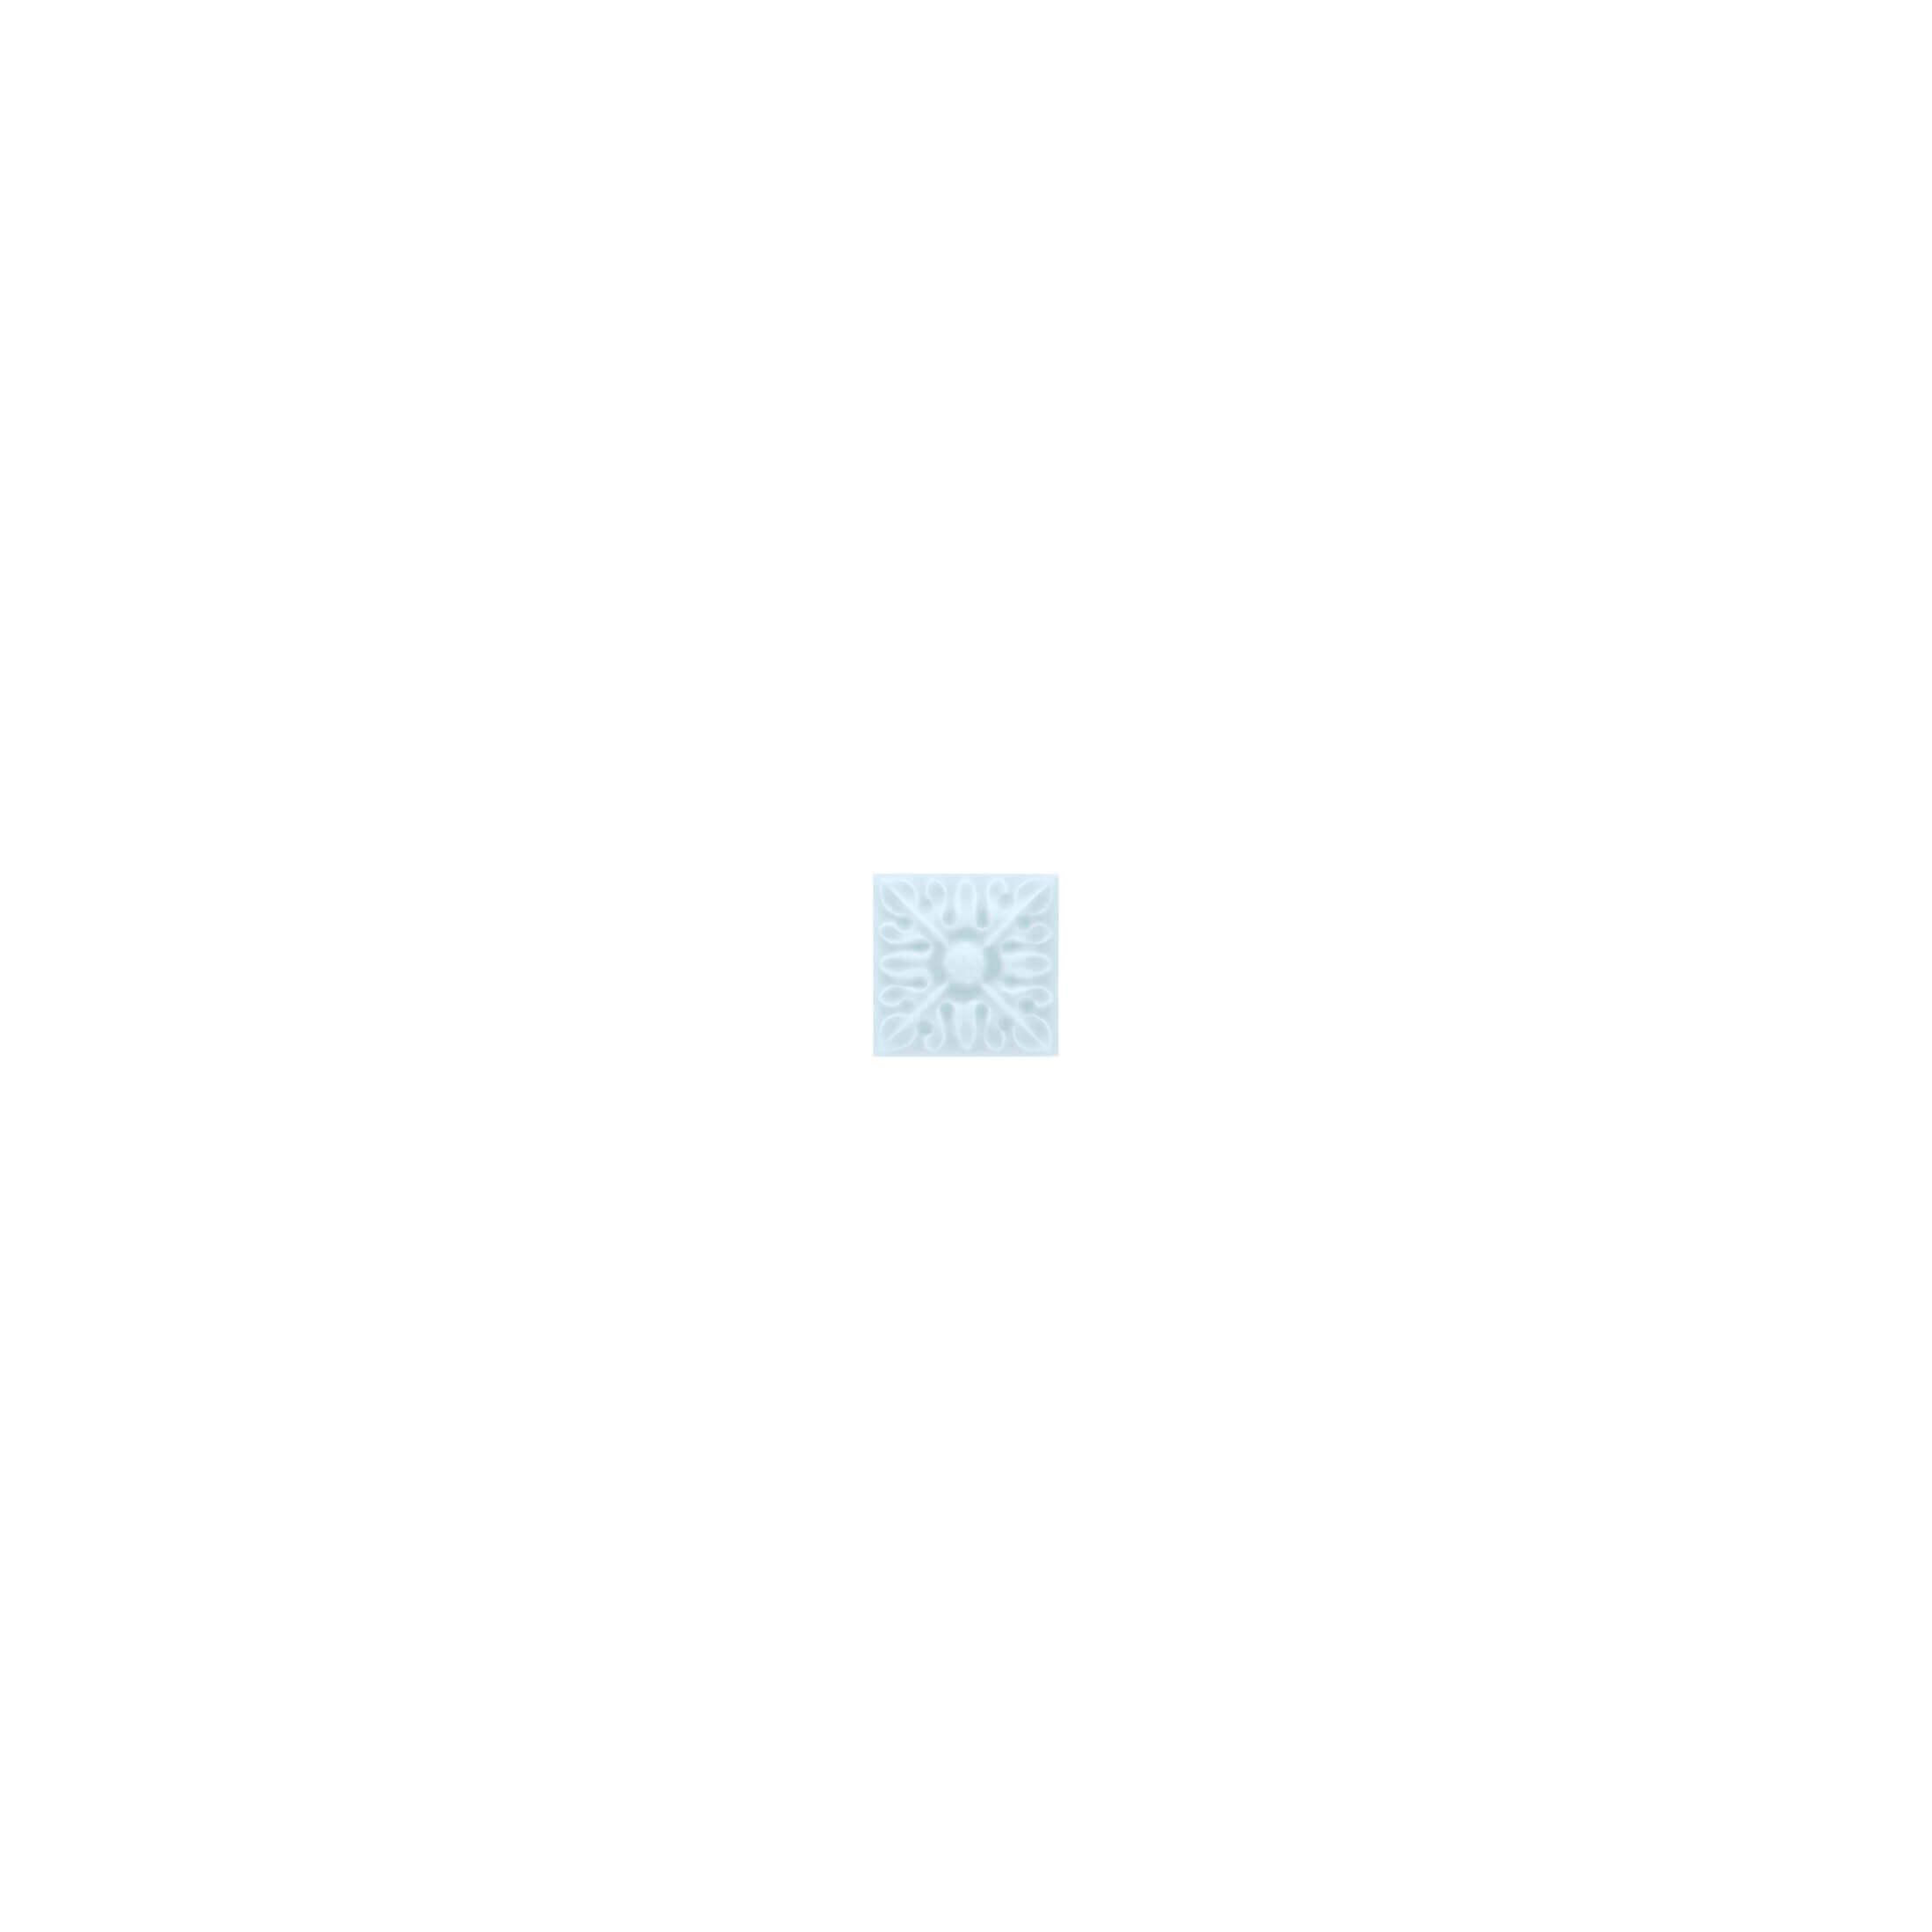 ADST4110 - TACO RELIEVE FLOR Nº 2 - 3 cm X 3 cm